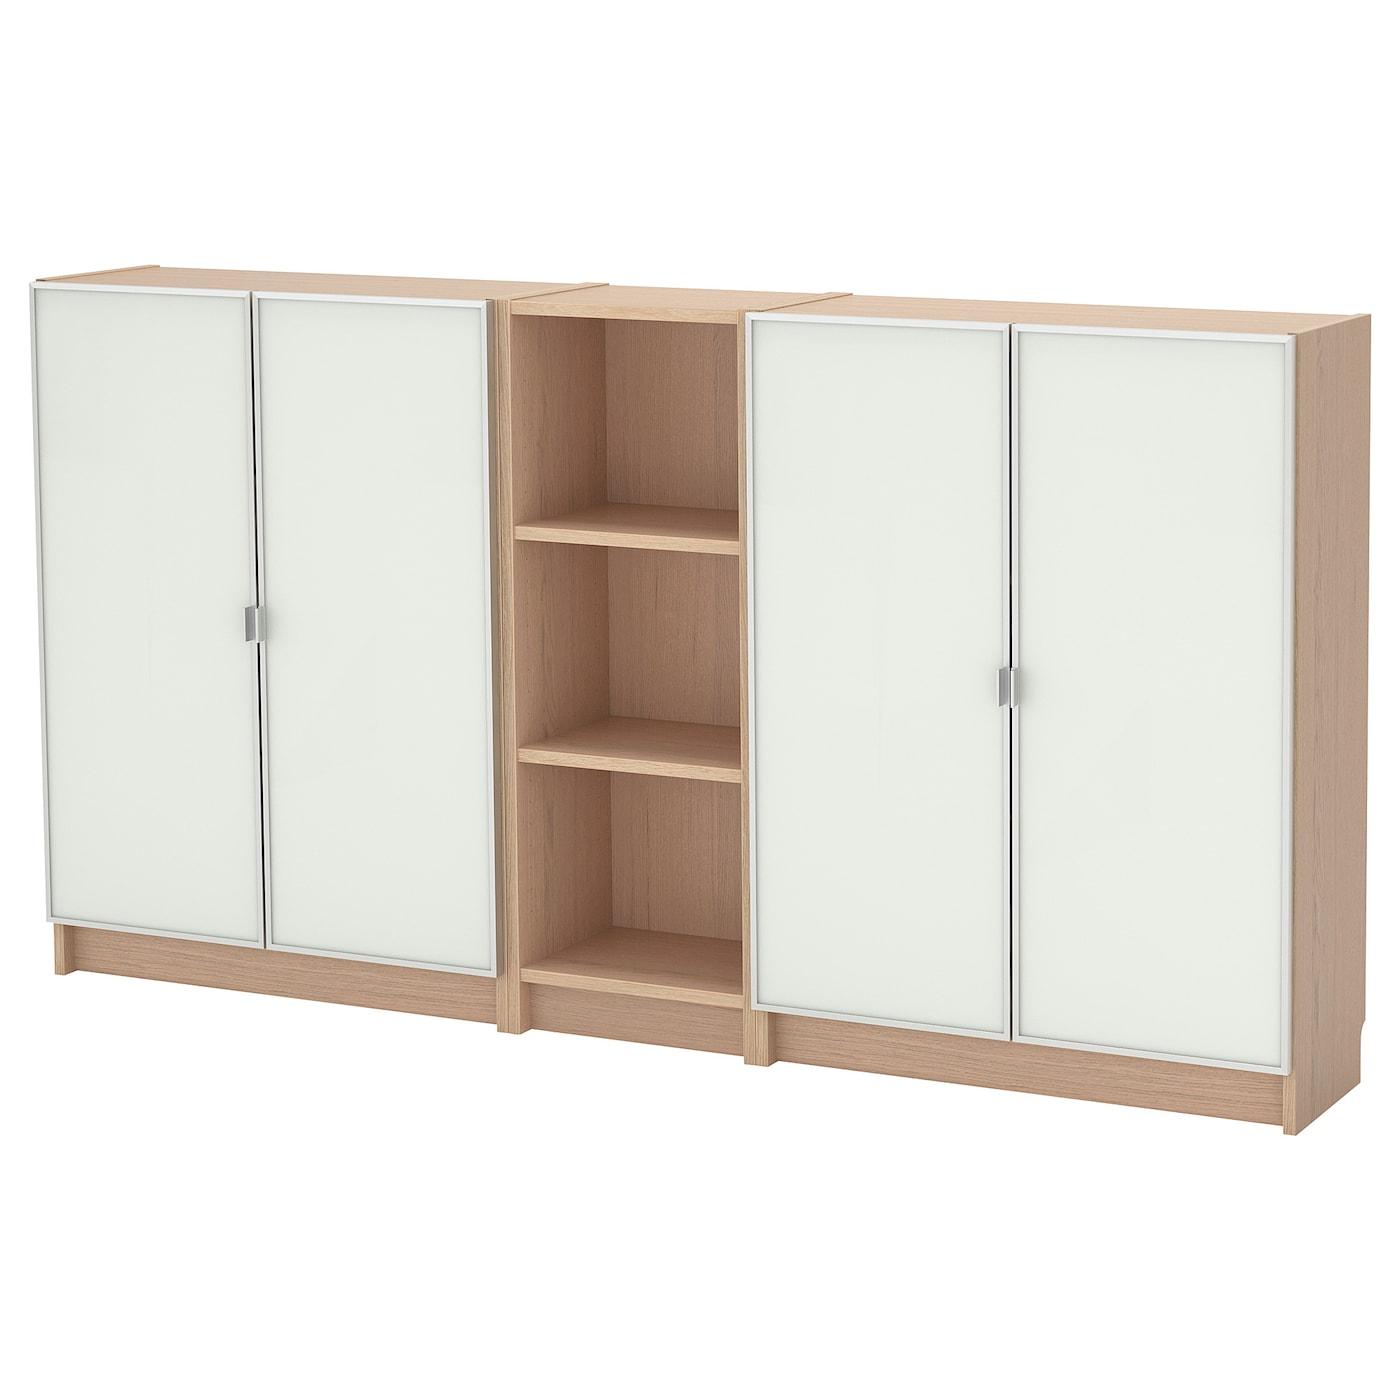 ikea billymorliden boekenkast verstelbare planken naar behoefte aan te passen